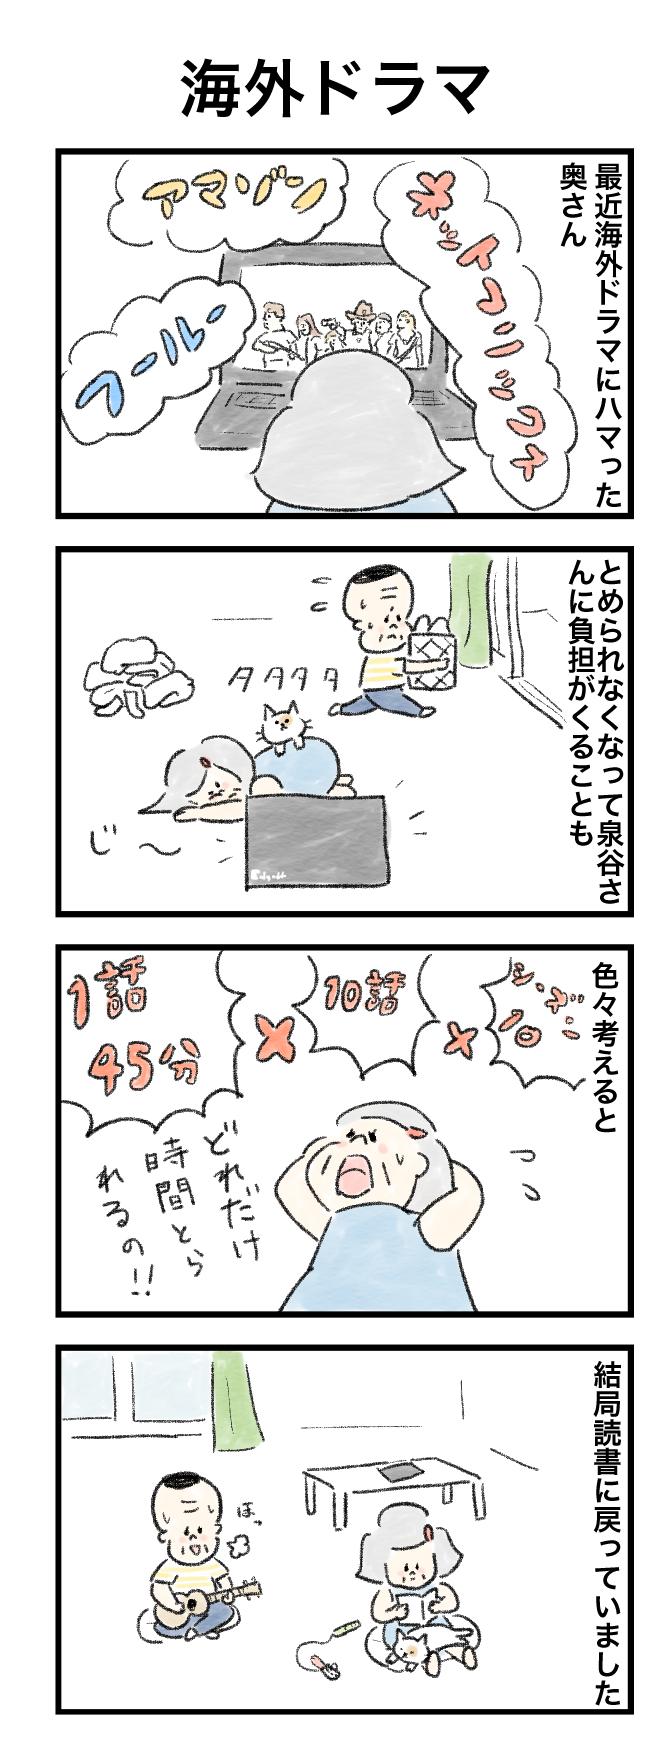 今日の泉谷さん【42】 作:カワサキヒロシ「海外ドラマ」